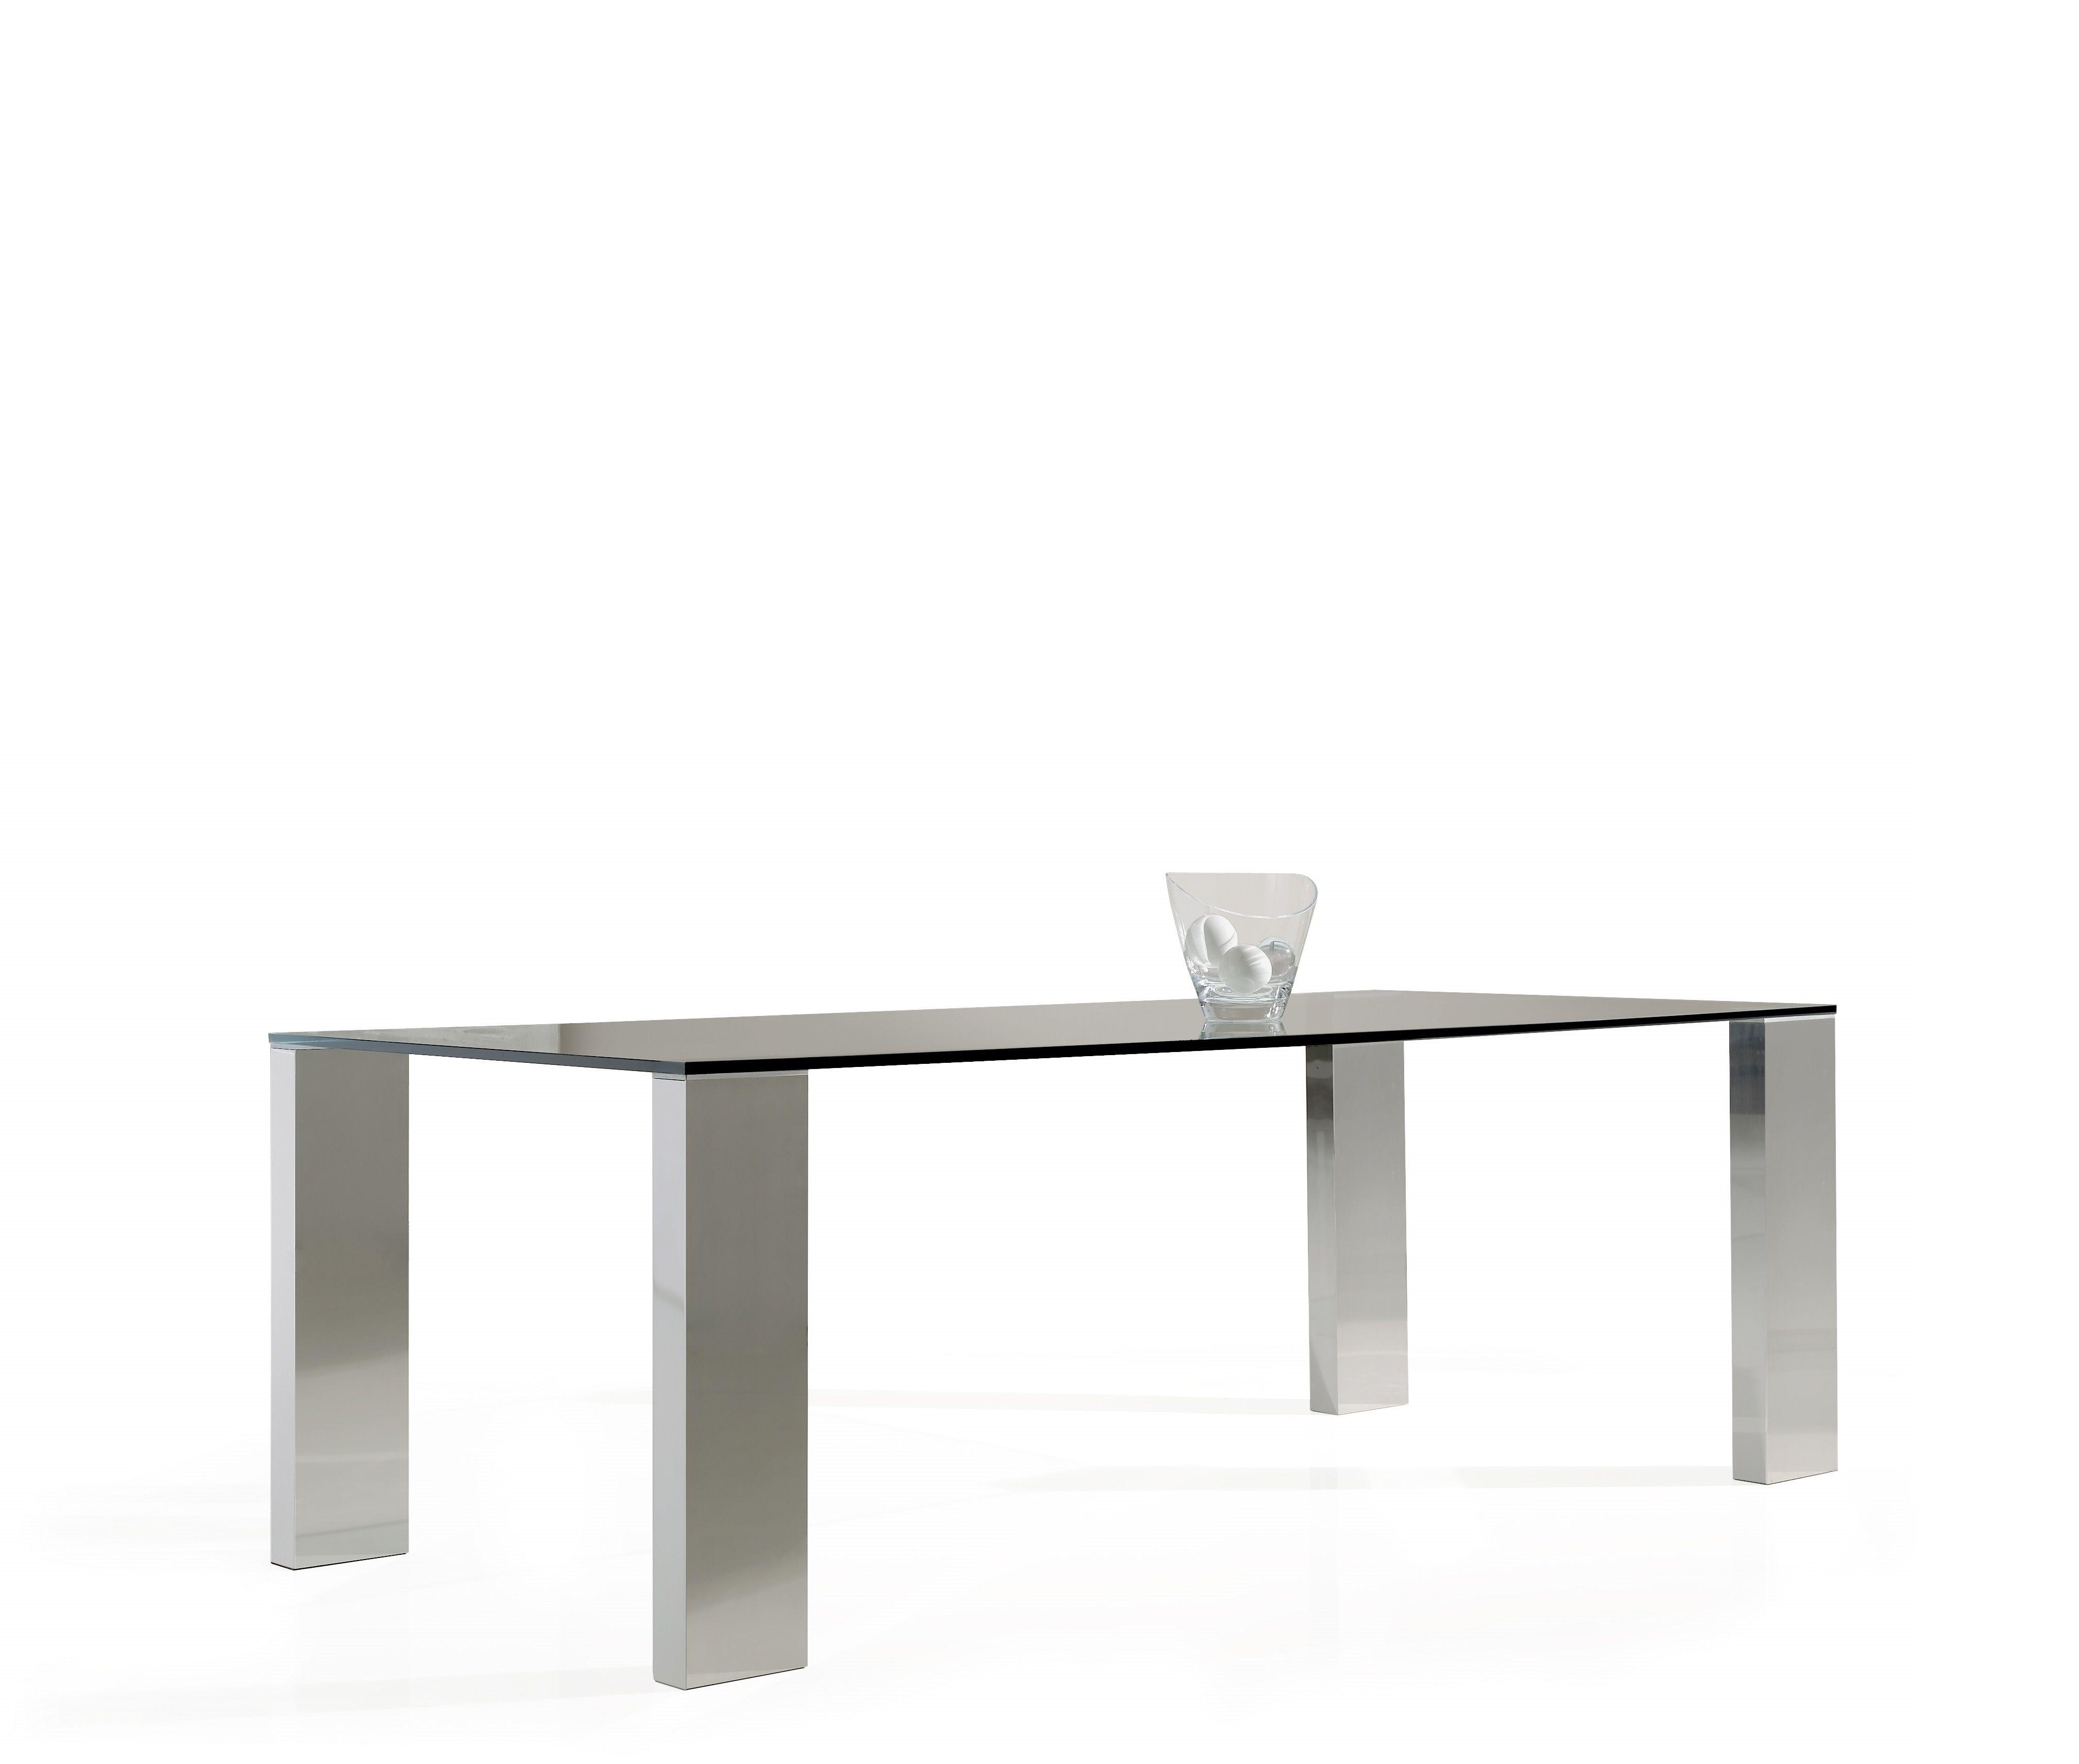 Genial mesa comedor cristal y acero fotos mesa comedor de - Mesas comedor cristal y acero ...